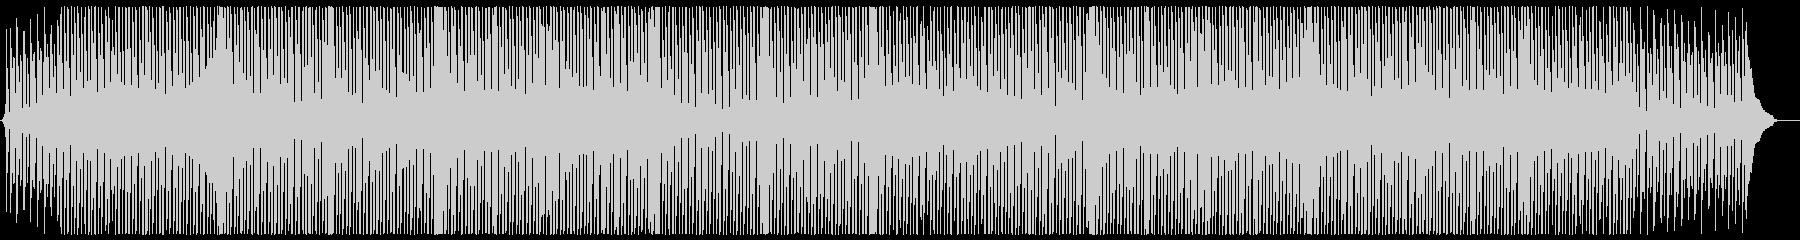 【メロ抜き】アップテンポなコンセプトムーの未再生の波形